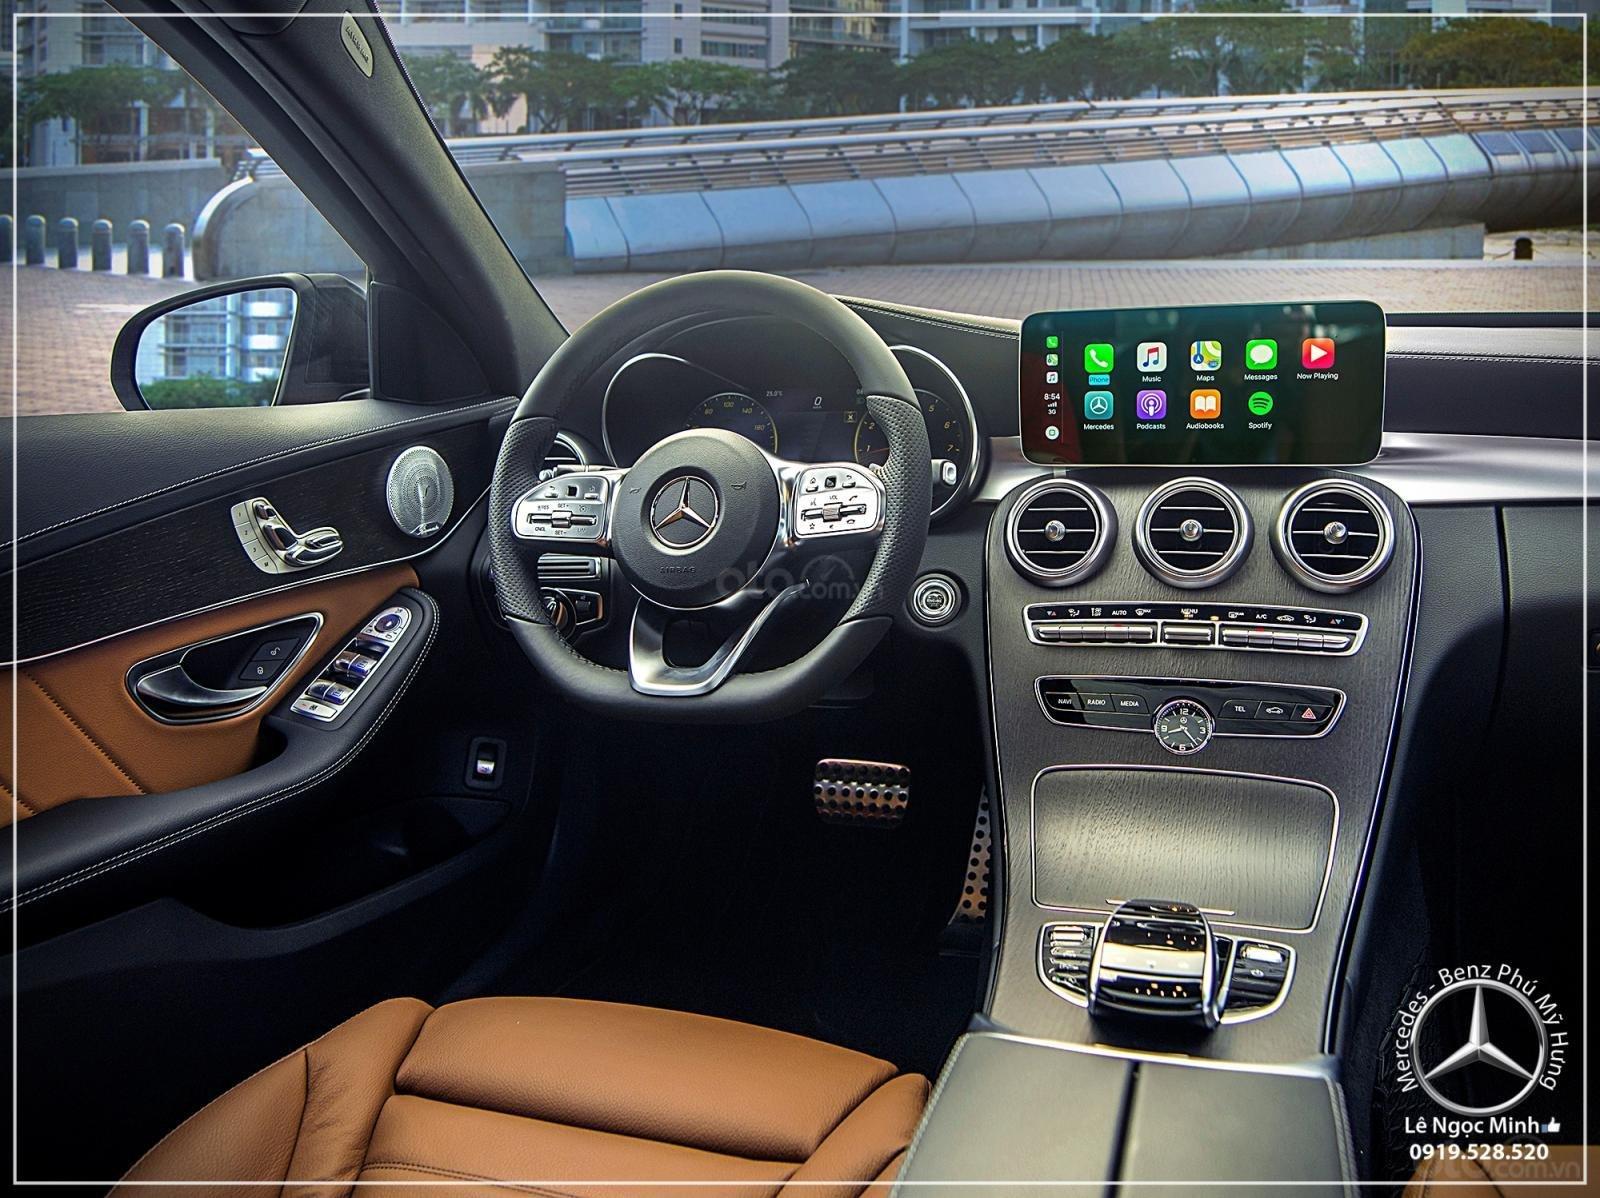 Mercedes-Benz C300 AMG New Model - Ưu đãi đặc biệt trong tháng - Hỗ trợ Bank 80% - LH: 0919 528 520-3